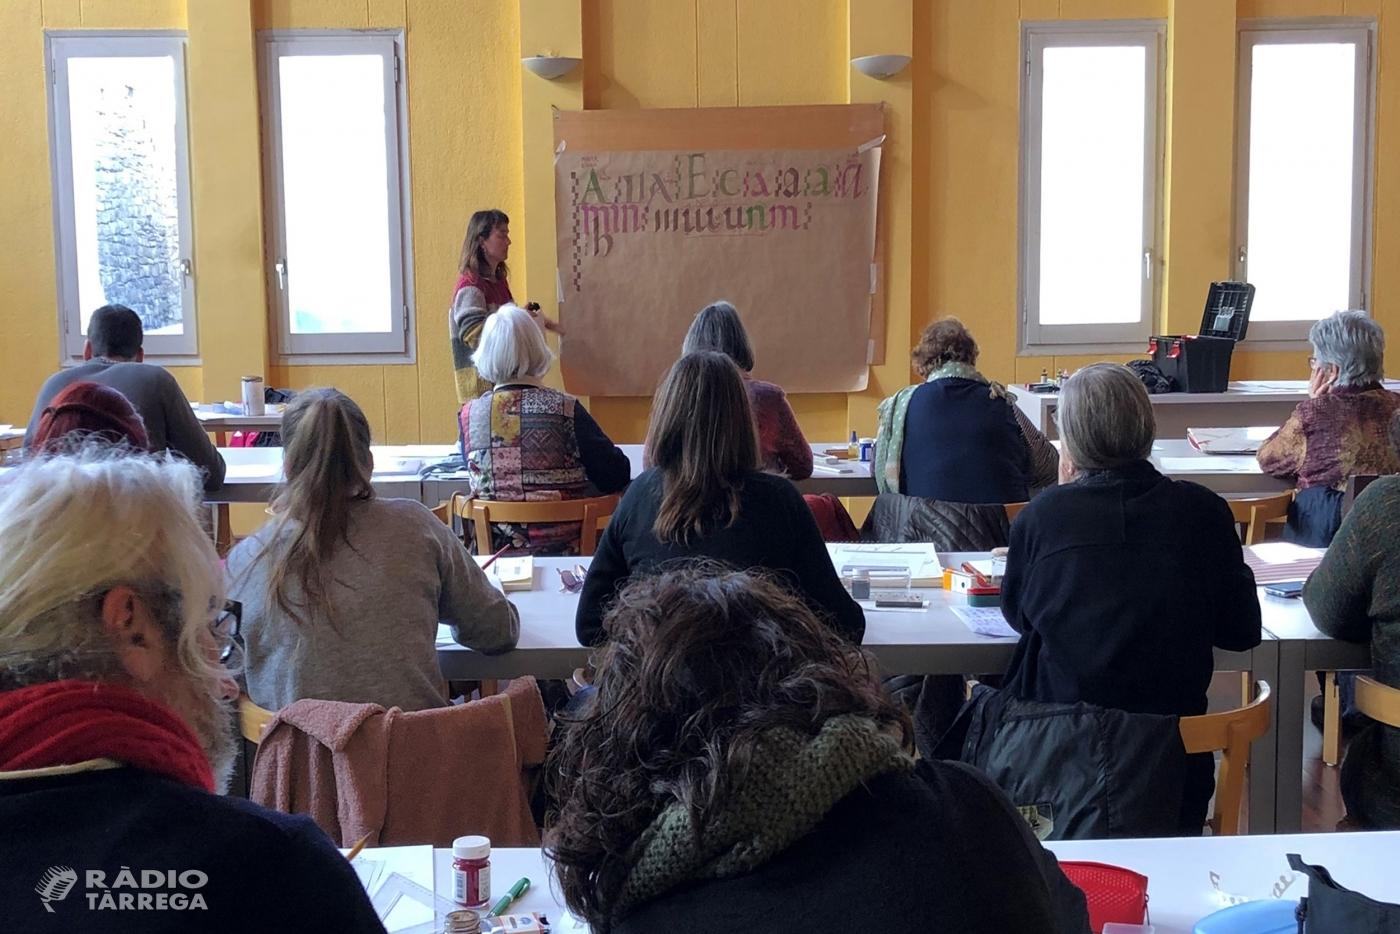 Tàrrega imparteix mitjançant l'Arxiu Comarcal de l'Urgell un ampli programa de tallers i cursos sobre patrimoni documental